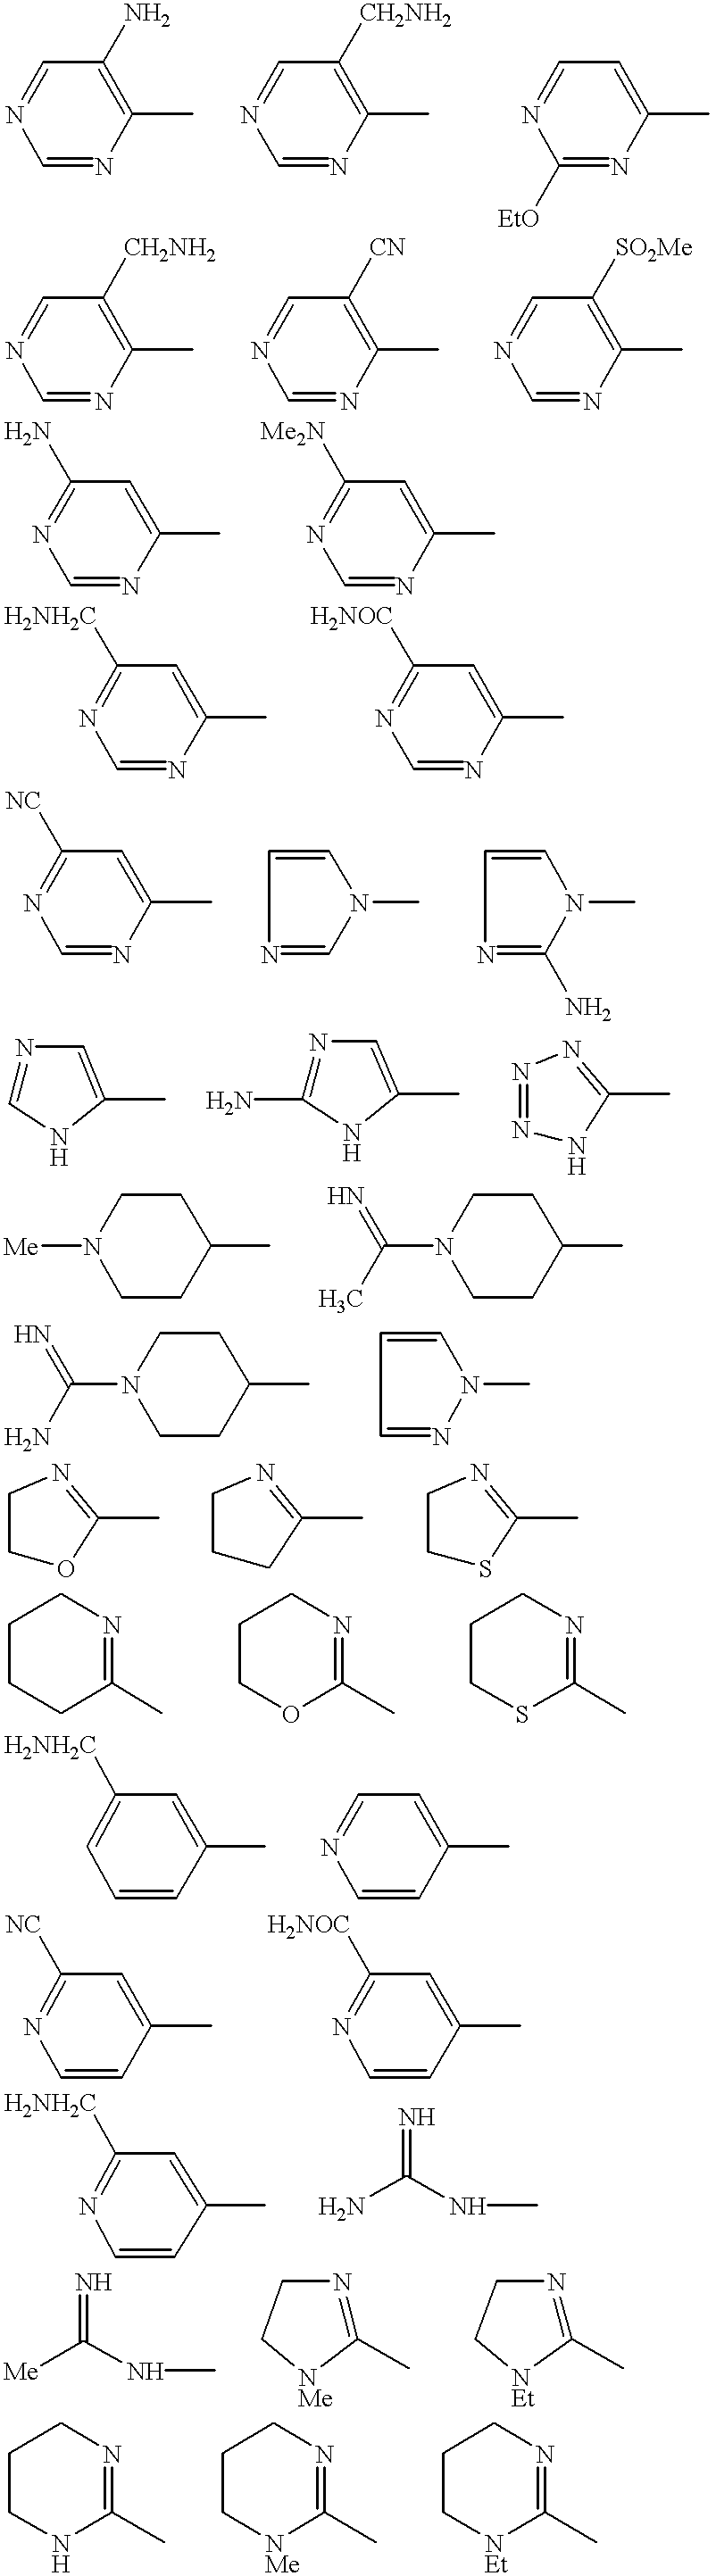 Figure US06376515-20020423-C00002